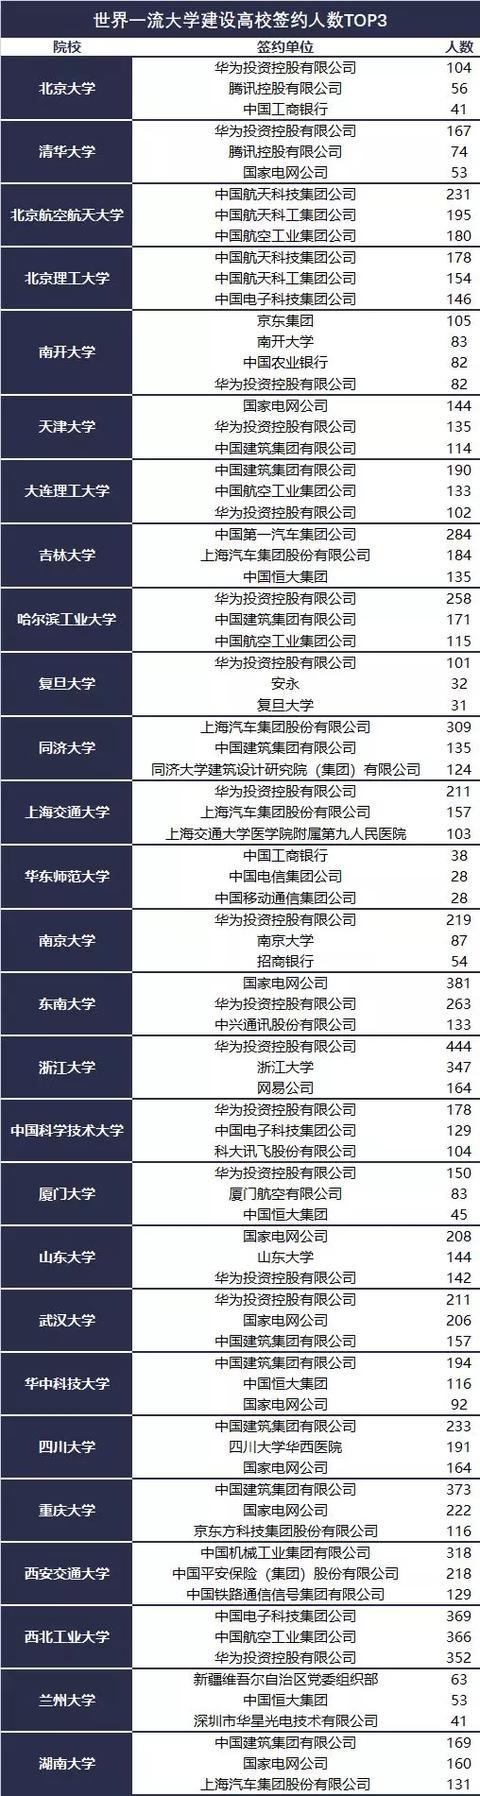 世界500?#31185;?#19994;在中国高校招聘情况大汇总!这些学校的好专业值得报考!